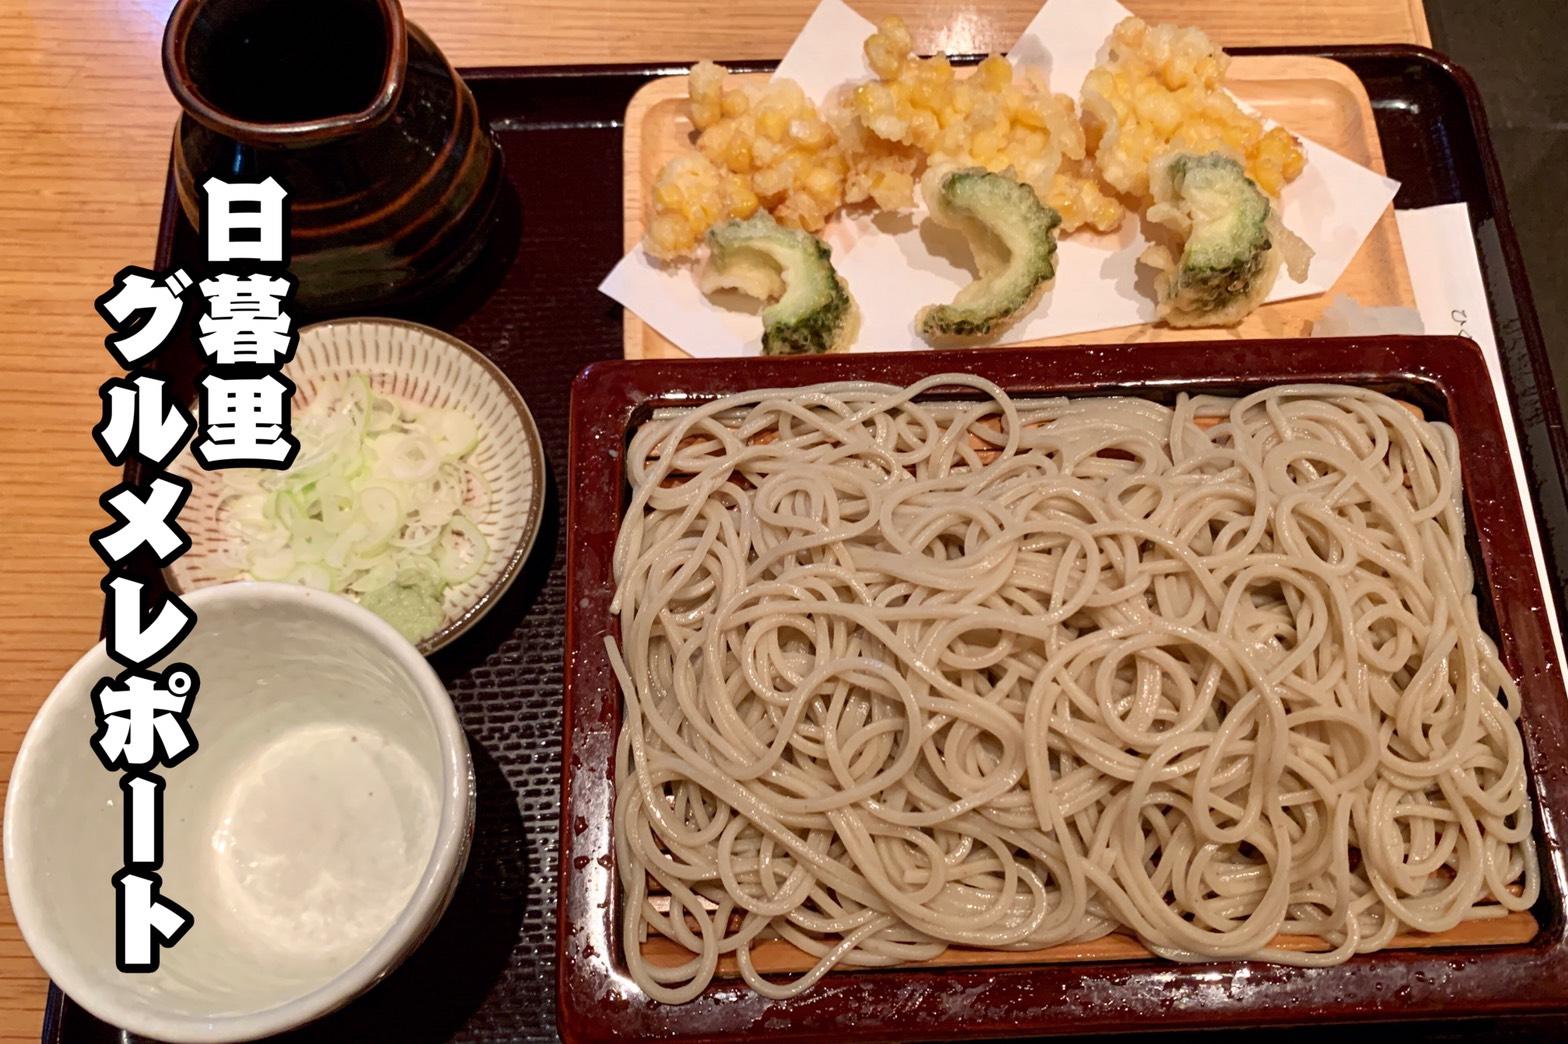 【日暮里グルメレポート】そば処 太宝家 で優雅で美味しい蕎麦ランチ